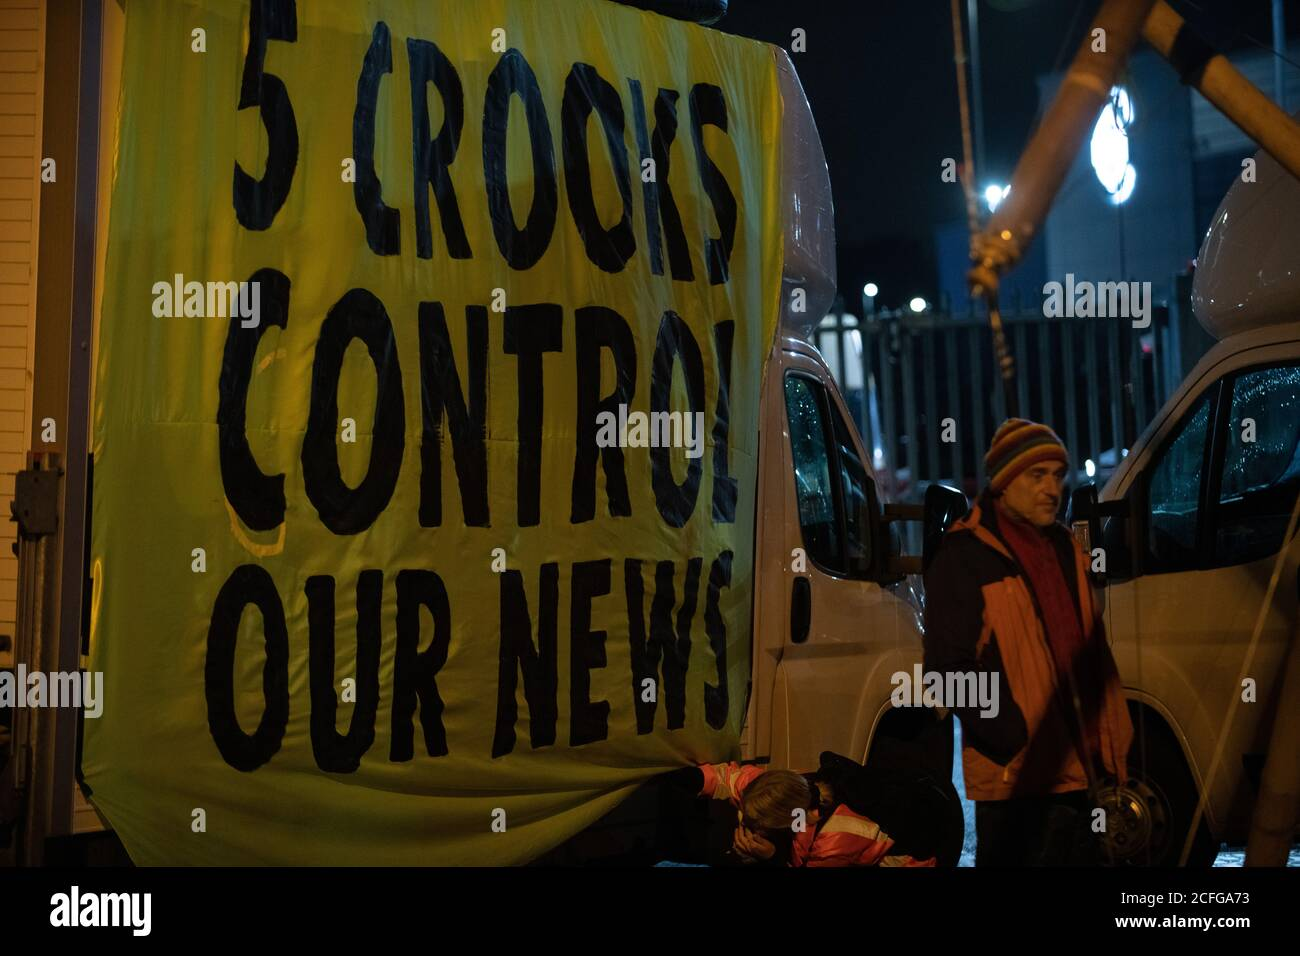 Estinzione la ribellione ha effettuato un'azione diretta non violenta per bloccare le opere di stampa di News International per protestare contro la proprietà del Regno Unito da parte degli oligarchi e il loro fallimento di 'dire la verità' adeguatamente riportare l'entità della crisi climatica e il loro frequente sostegno allo scetticismo o al denialismo climatico. Times, Telegraph, Sun, Mail & Evening Standard non erano in gran parte in grado di distribuire le edizioni cartacee. Credit: Gareth Morris/Alamy Live News Foto Stock